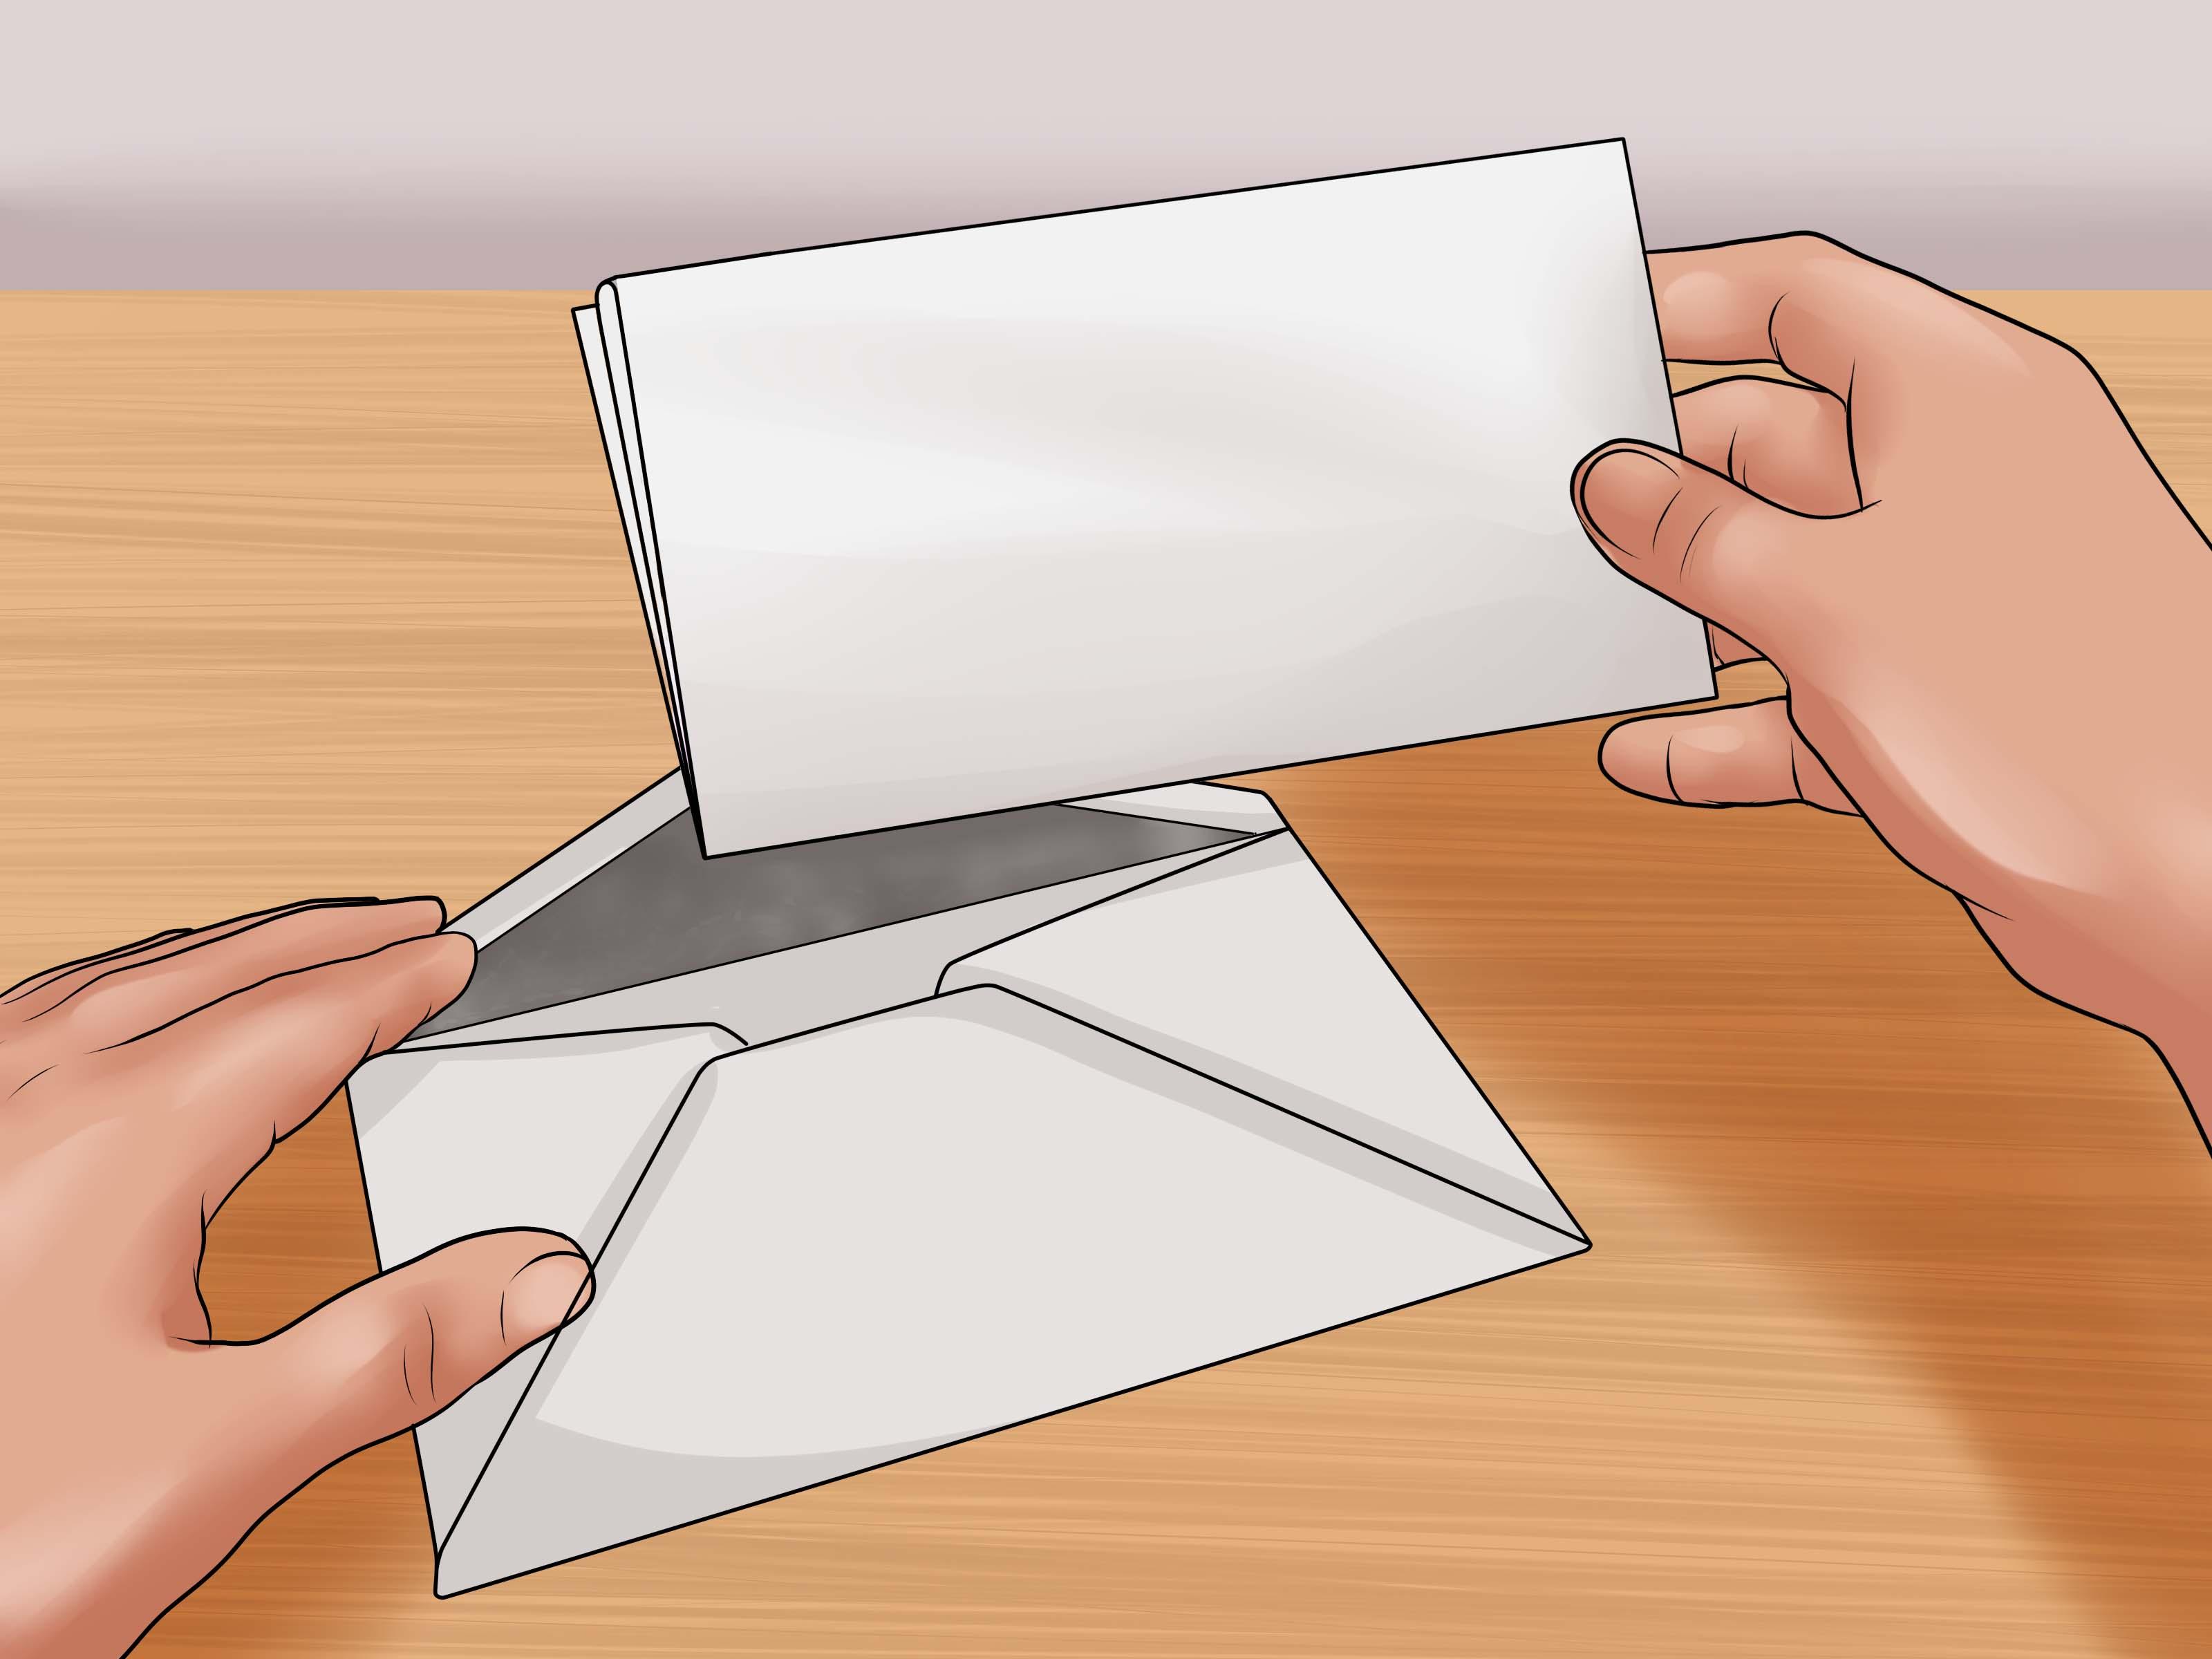 Panduan Menulis Surat Bisnis Dan Surel Dalam Bahasa Inggris